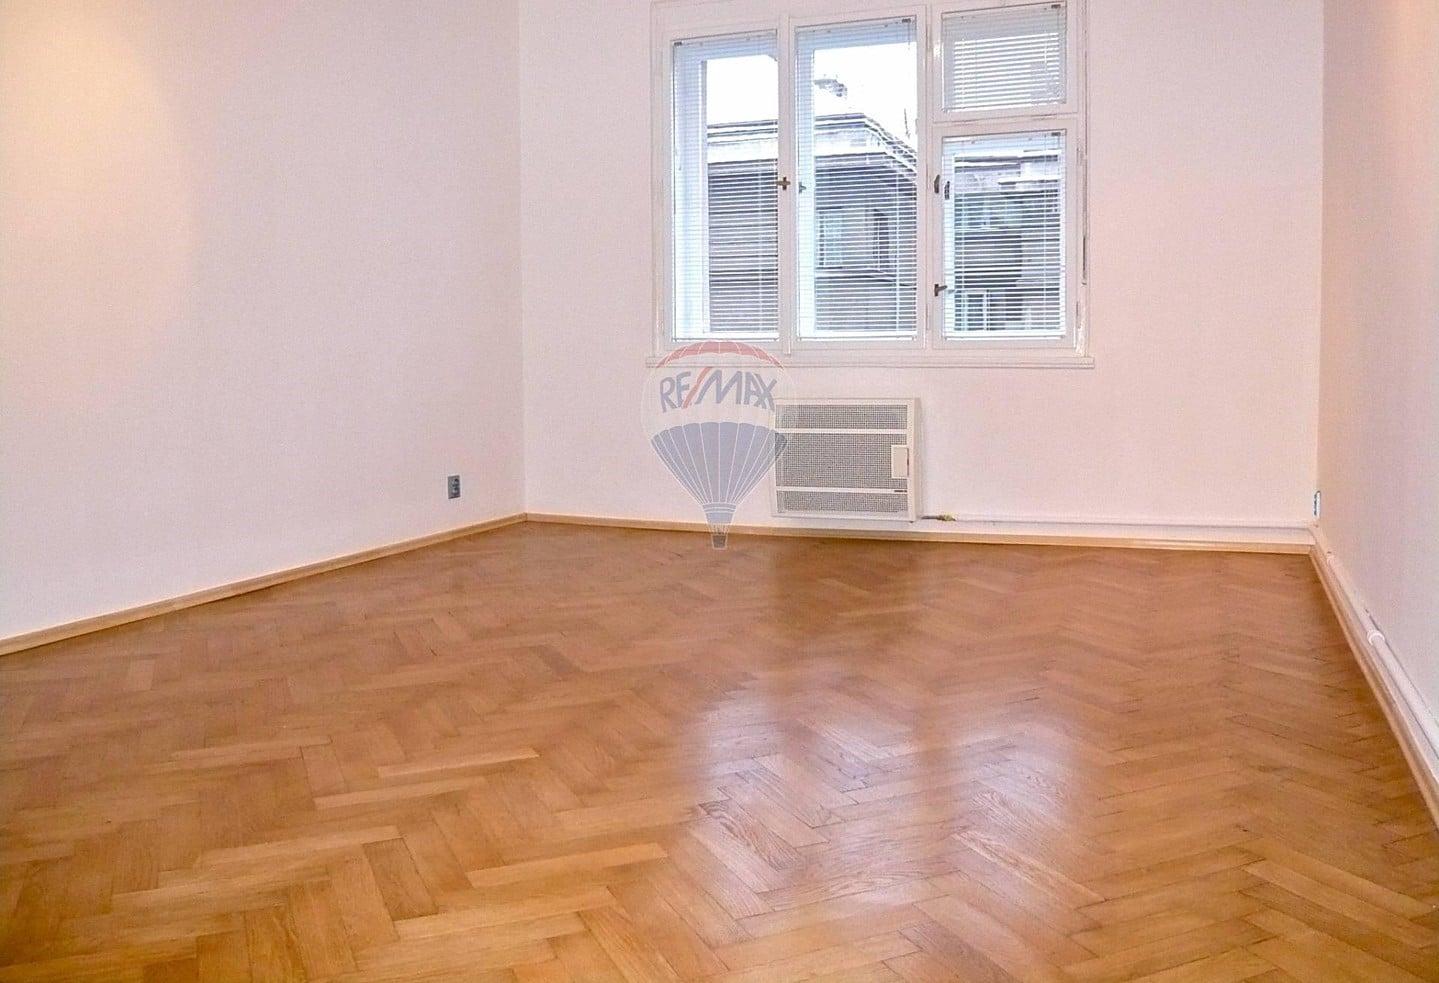 למכירה דירת 2 חדרים בגודל 52 מר בשכונת ז'יז'קוב (4)